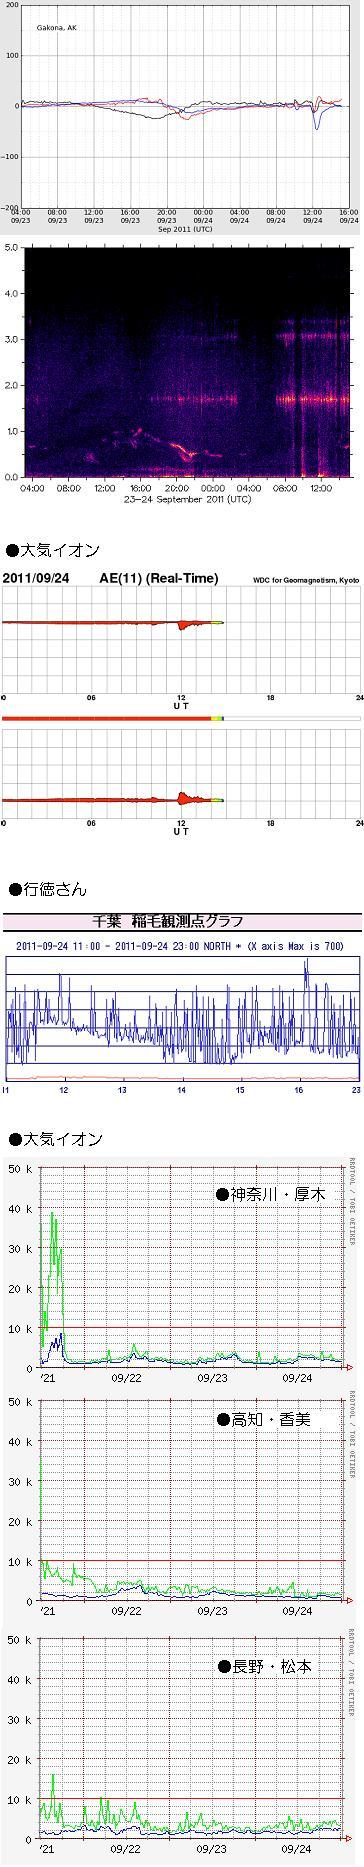 0925-1 データ